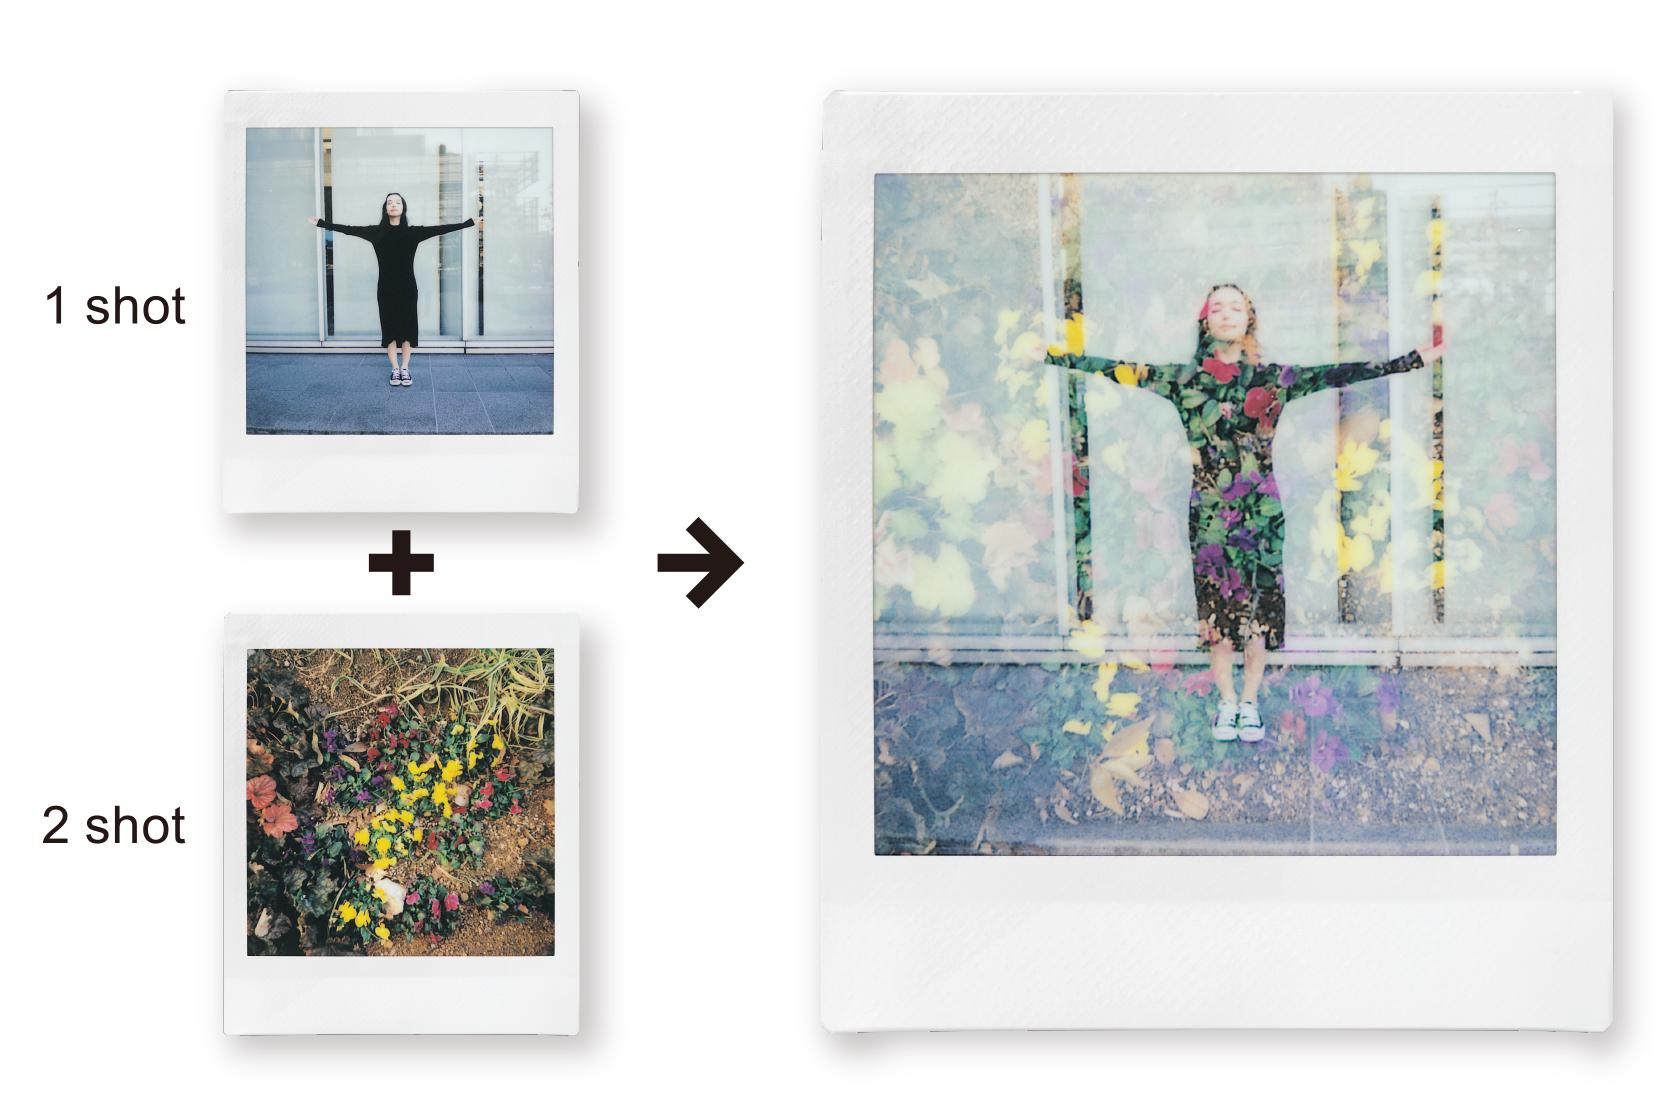 Imagen de una fotografía de una mujer y una fotografía de flores que se combinan en una fotografía que tiene una superposición de mujer y flores con doble exposición